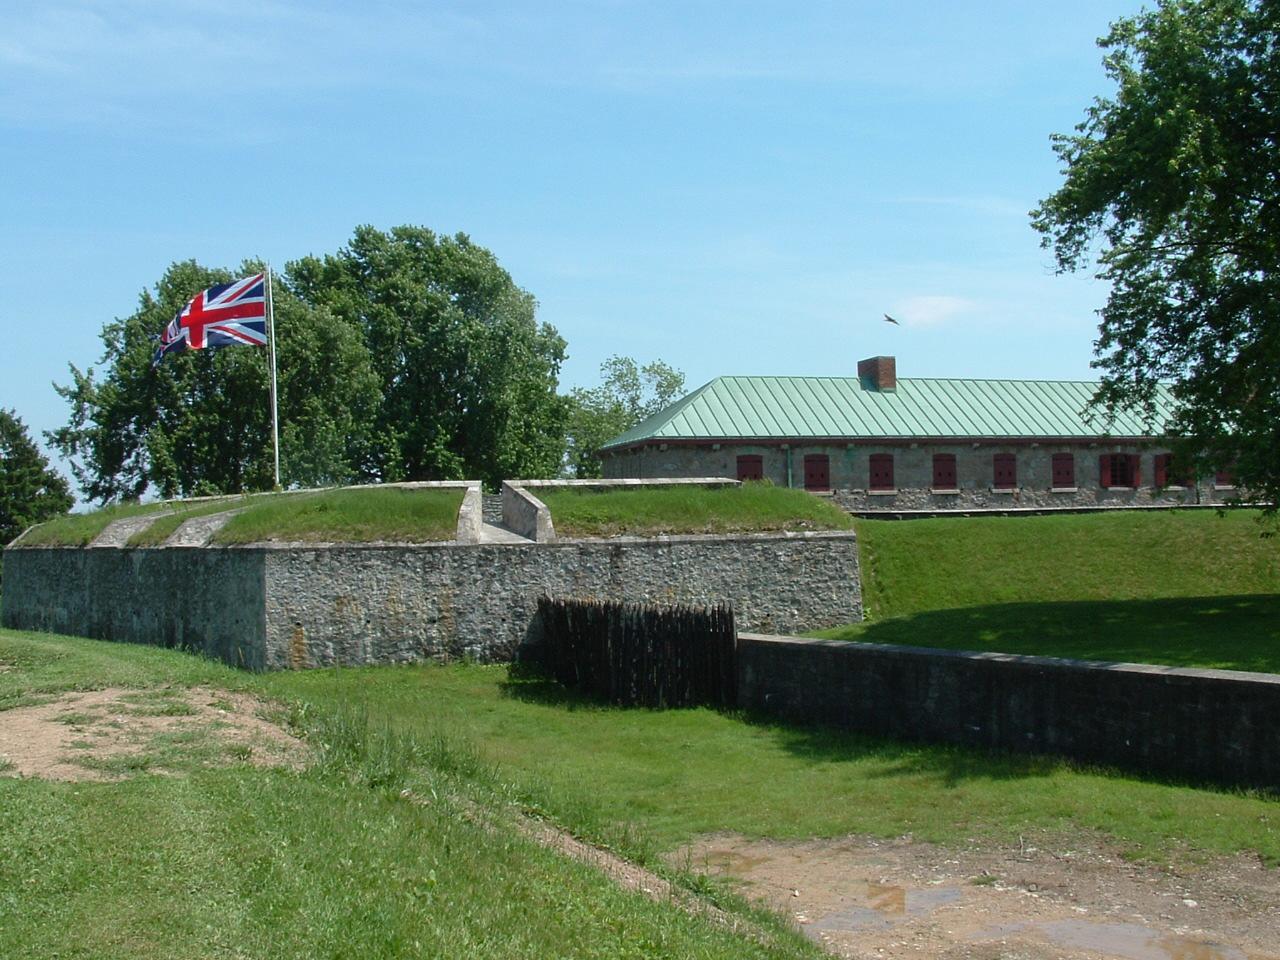 Depiction of Old Fort Erie